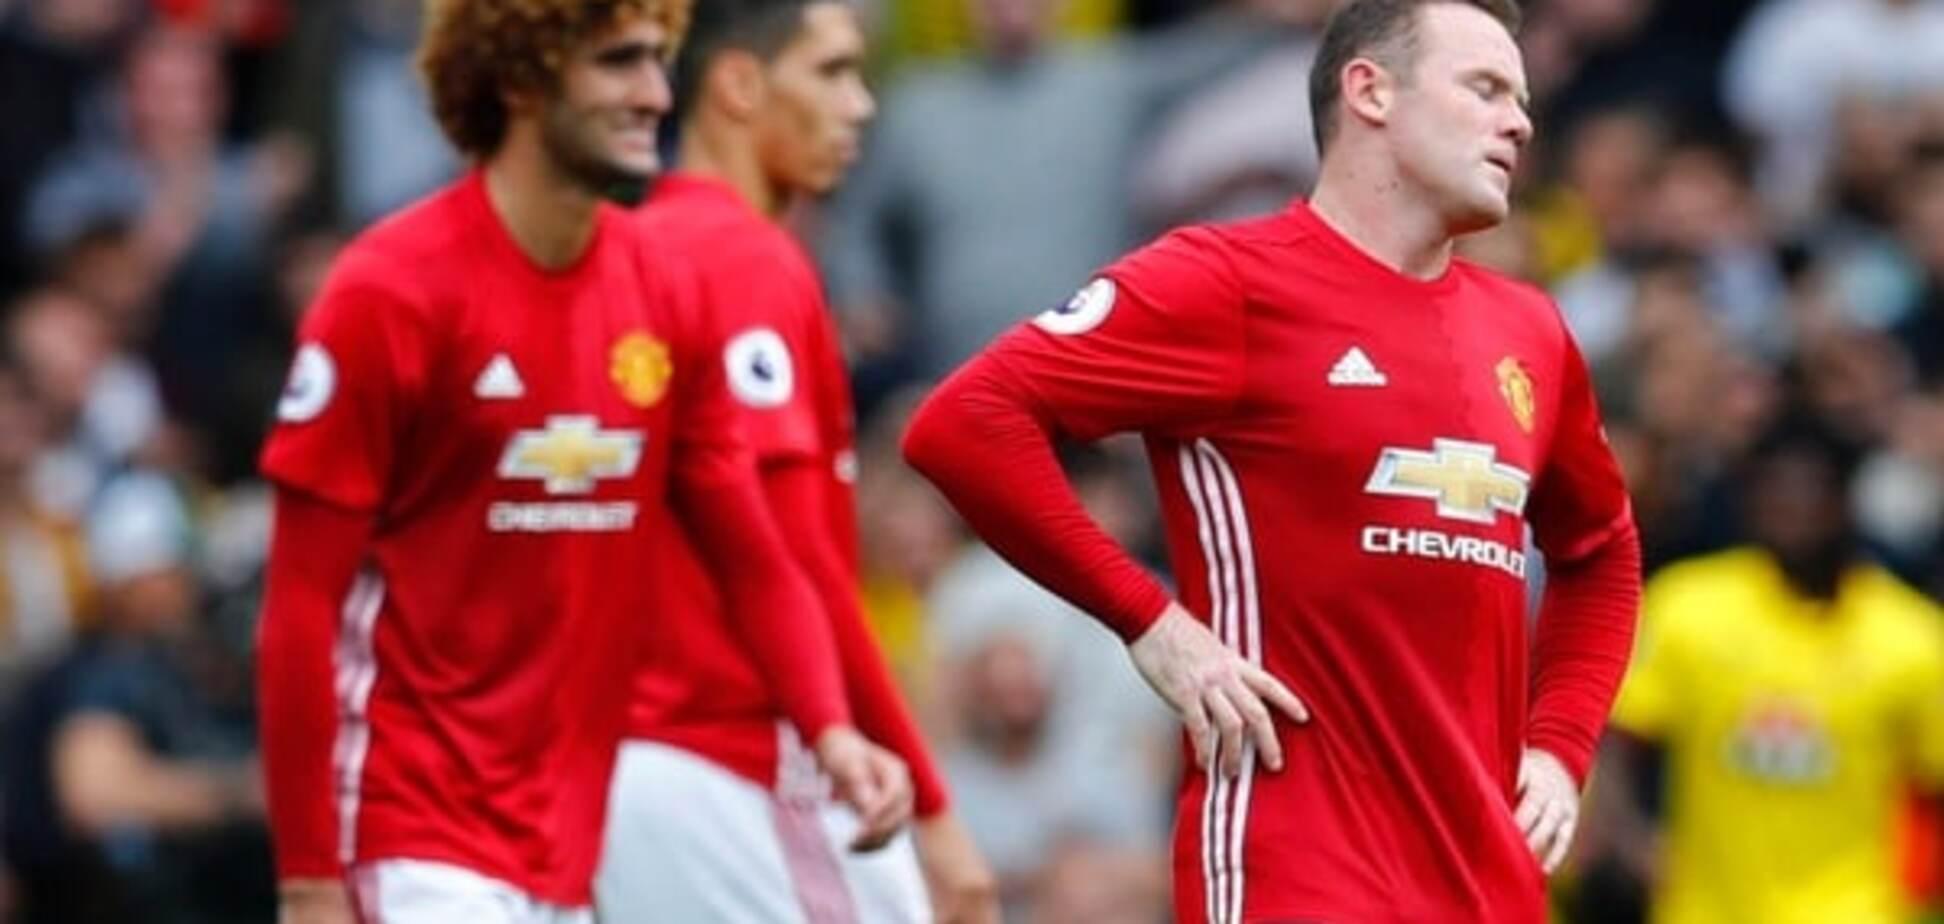 Одного из лучших футболистов Англии эпично высмеяли за позорный матч: курьезное видео